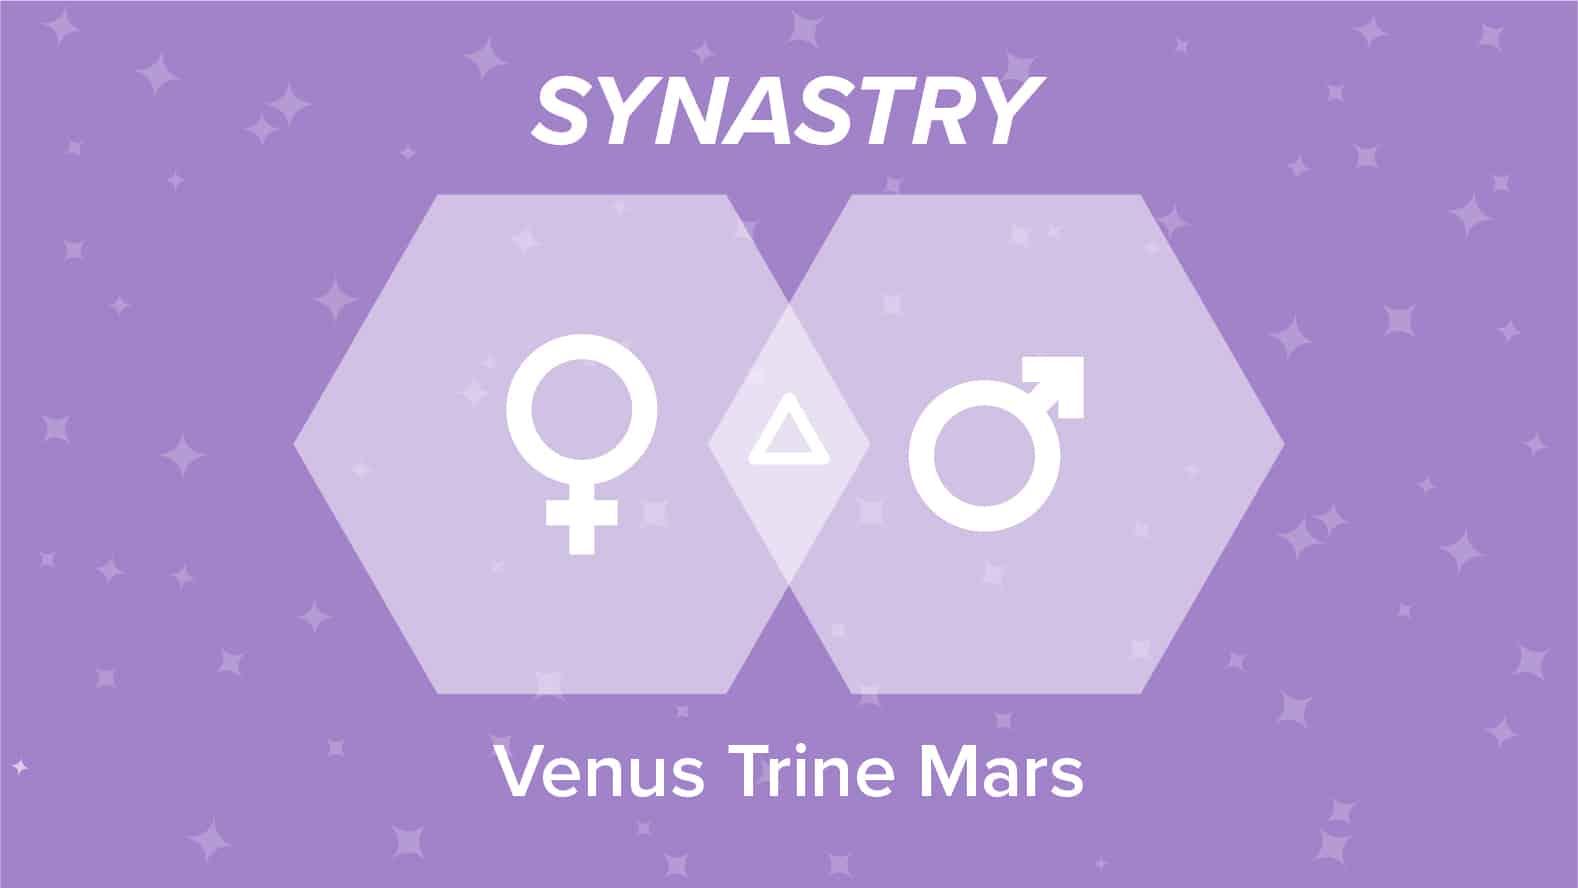 Venus Trine Mars Synastry